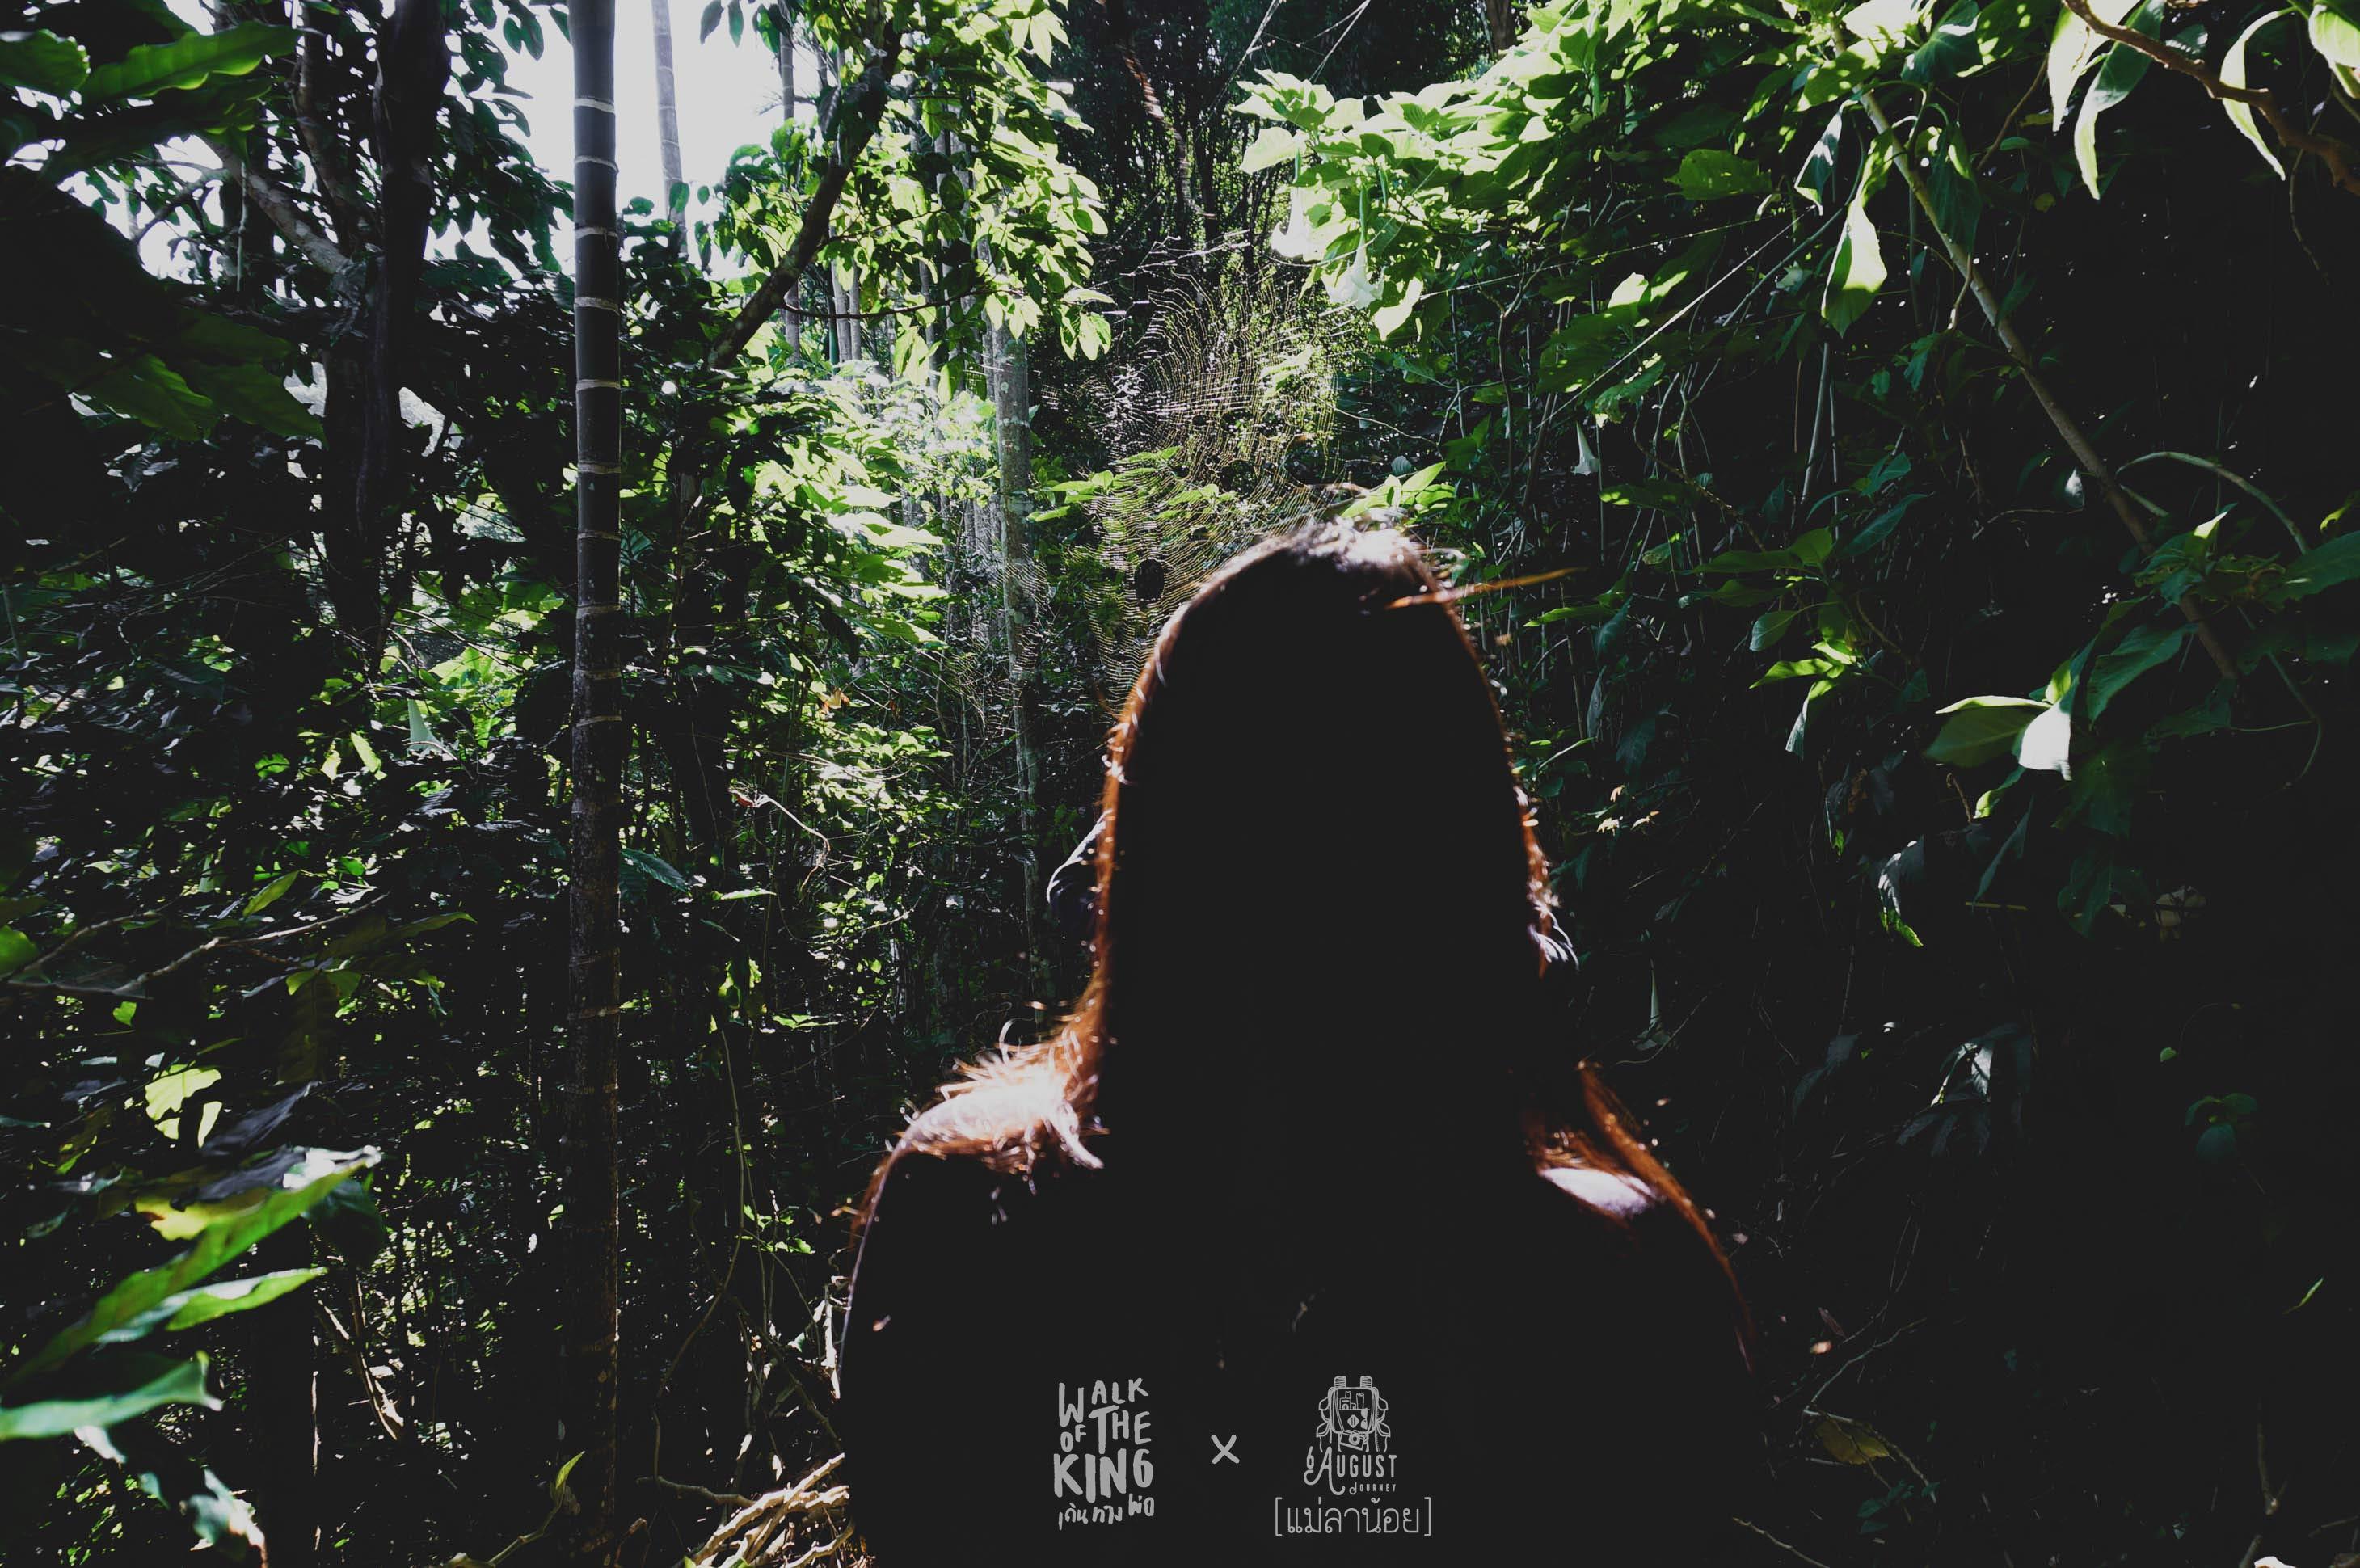 ความทึบของป่า บ่งบอกได้ถึงความเย็น และ ปกป้องแสงแดดได้ดีมาก